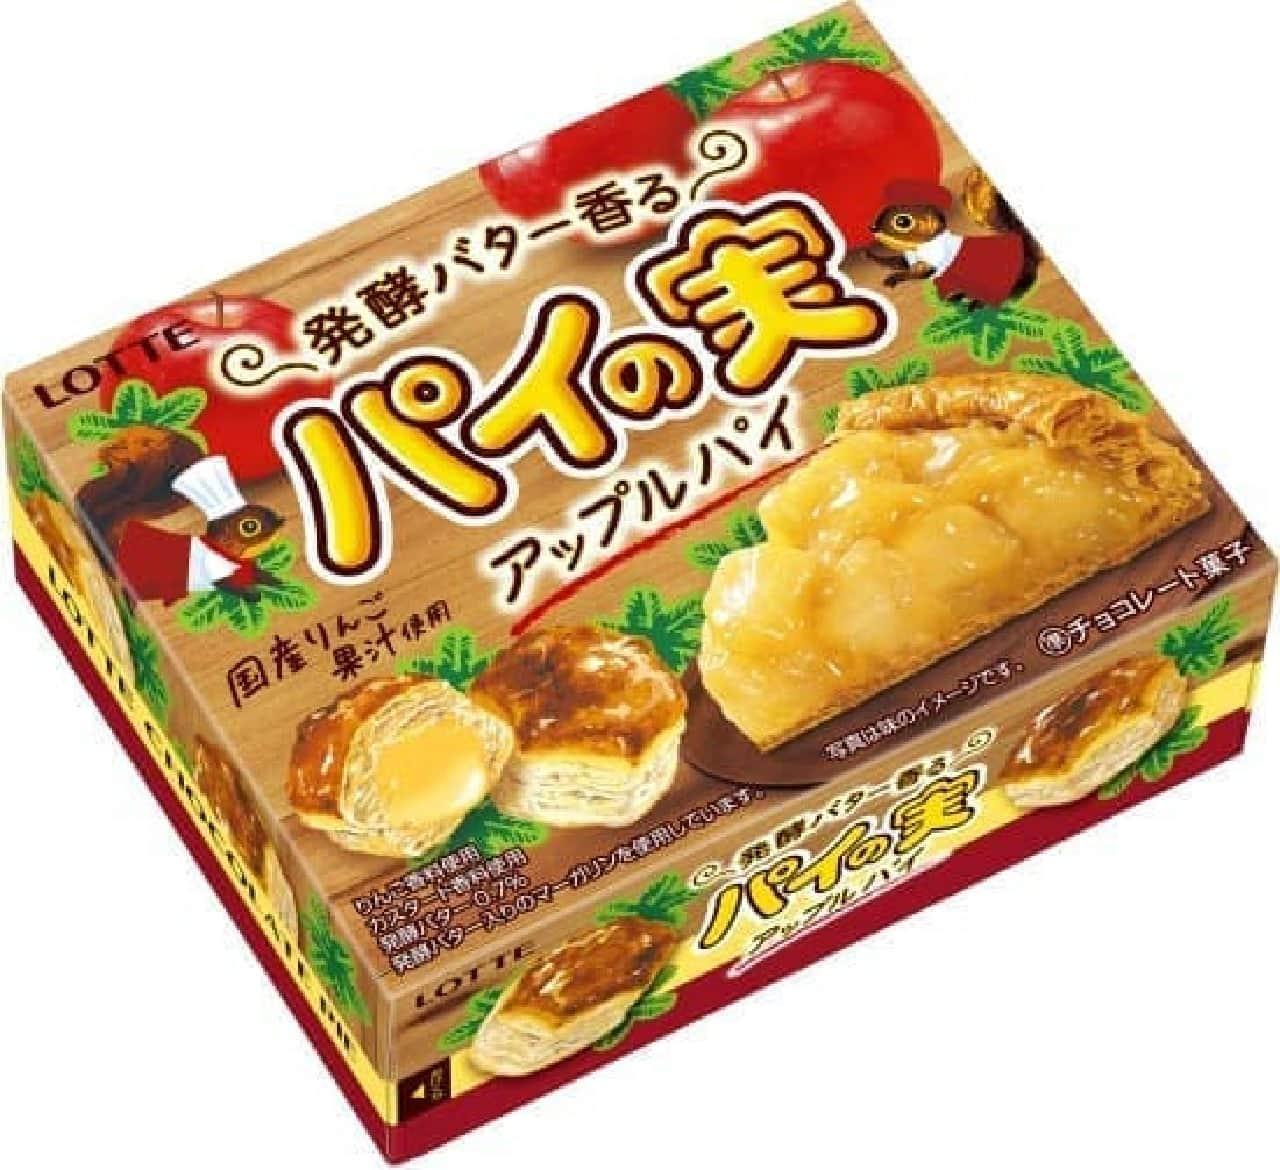 ロッテ「発酵バター香るパイの実<アップルパイ>」